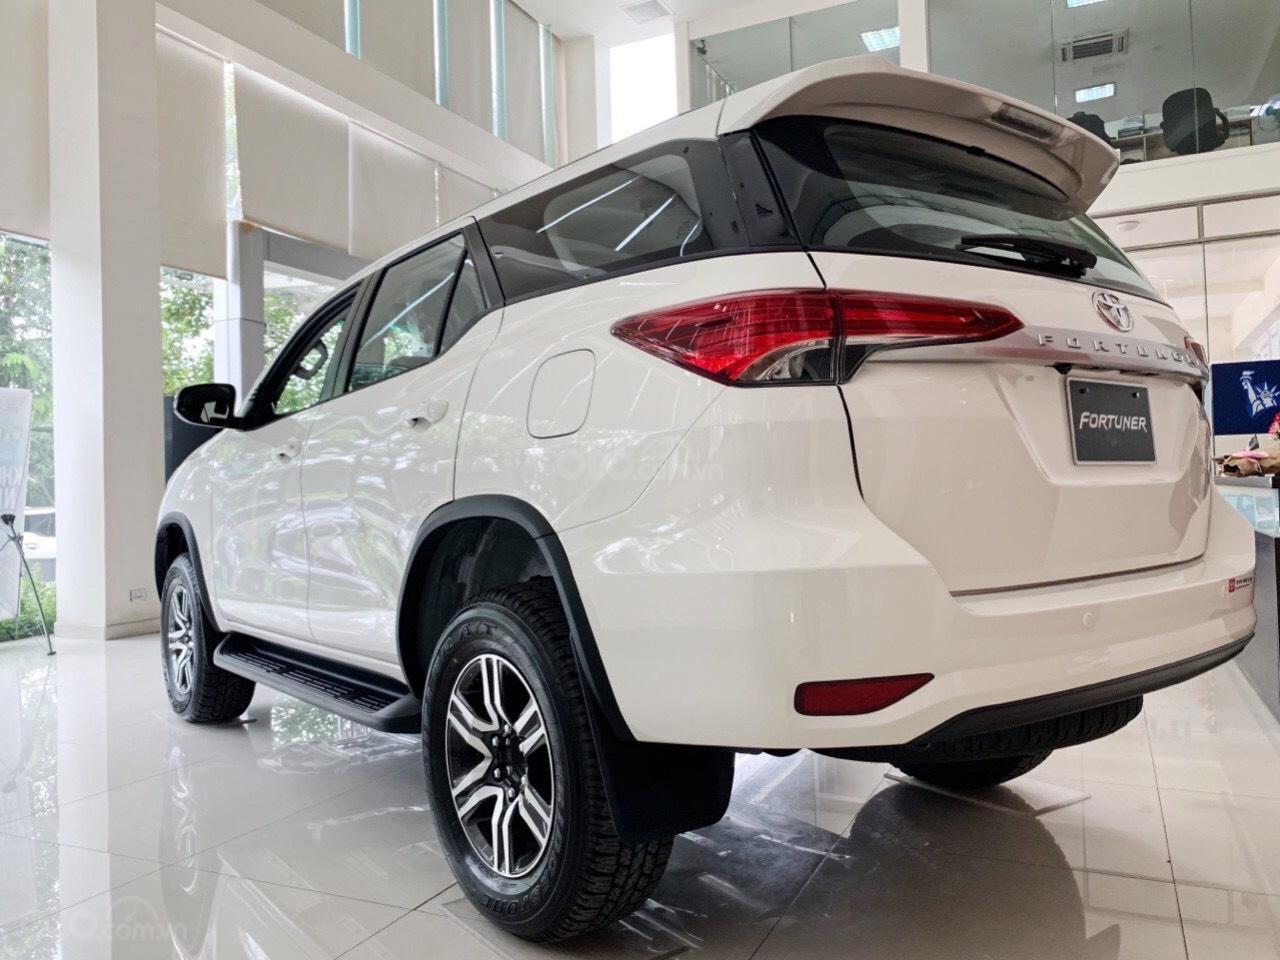 Toyota Fortuner 2020 - Ưu đãi khủng tháng 5 - Giá tốt (4)